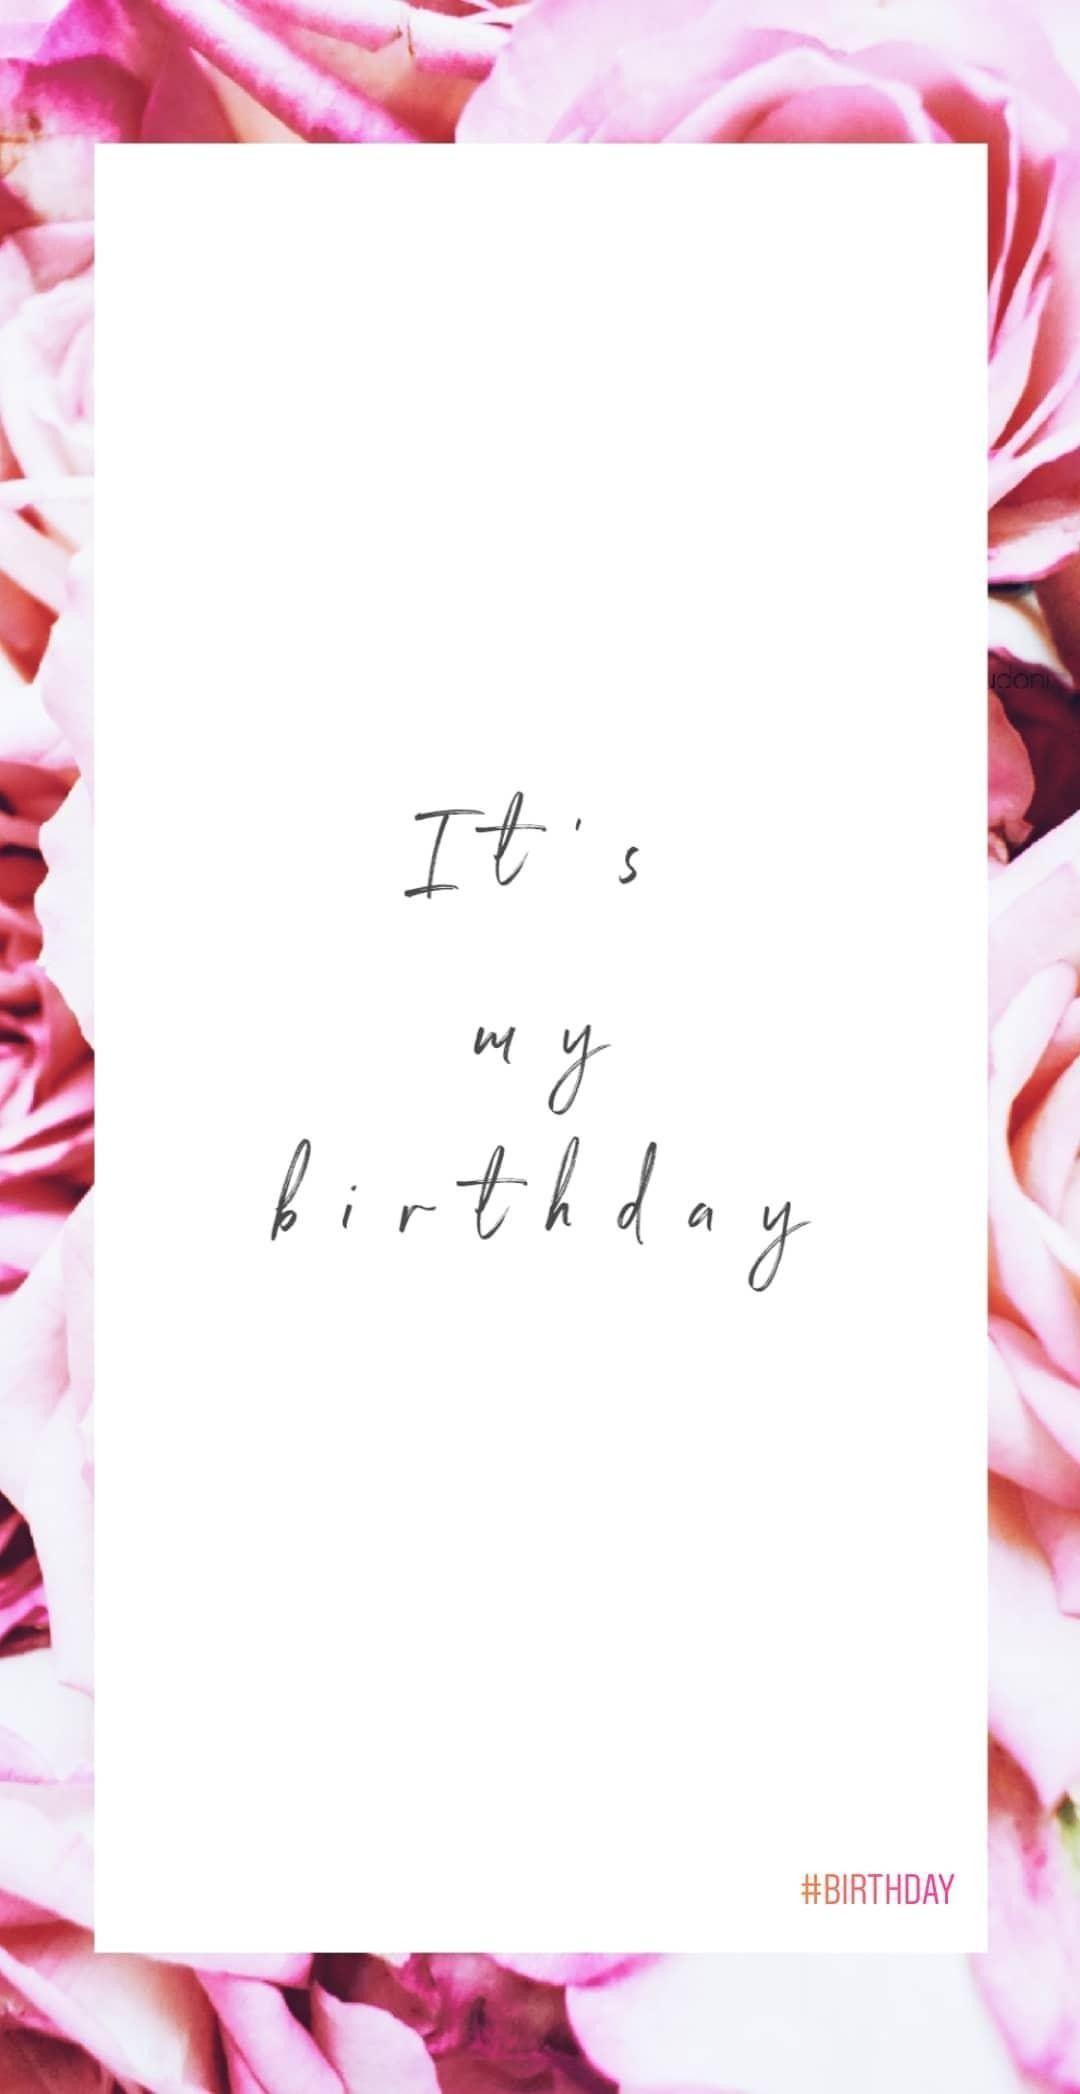 10 06 2018 Ich Habe Geburtstag Heute Werde Ich 23 In 2020